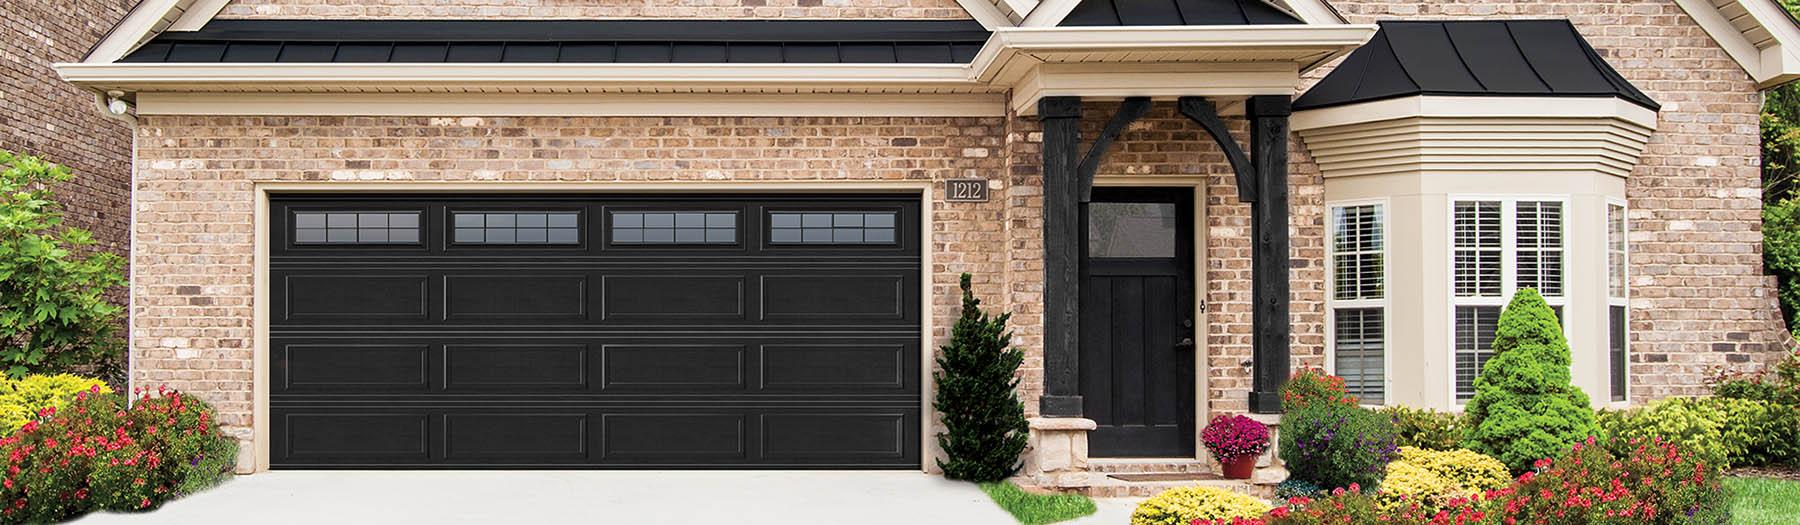 How To Open A Garage Door With A Broken Spring Garage Garage Door